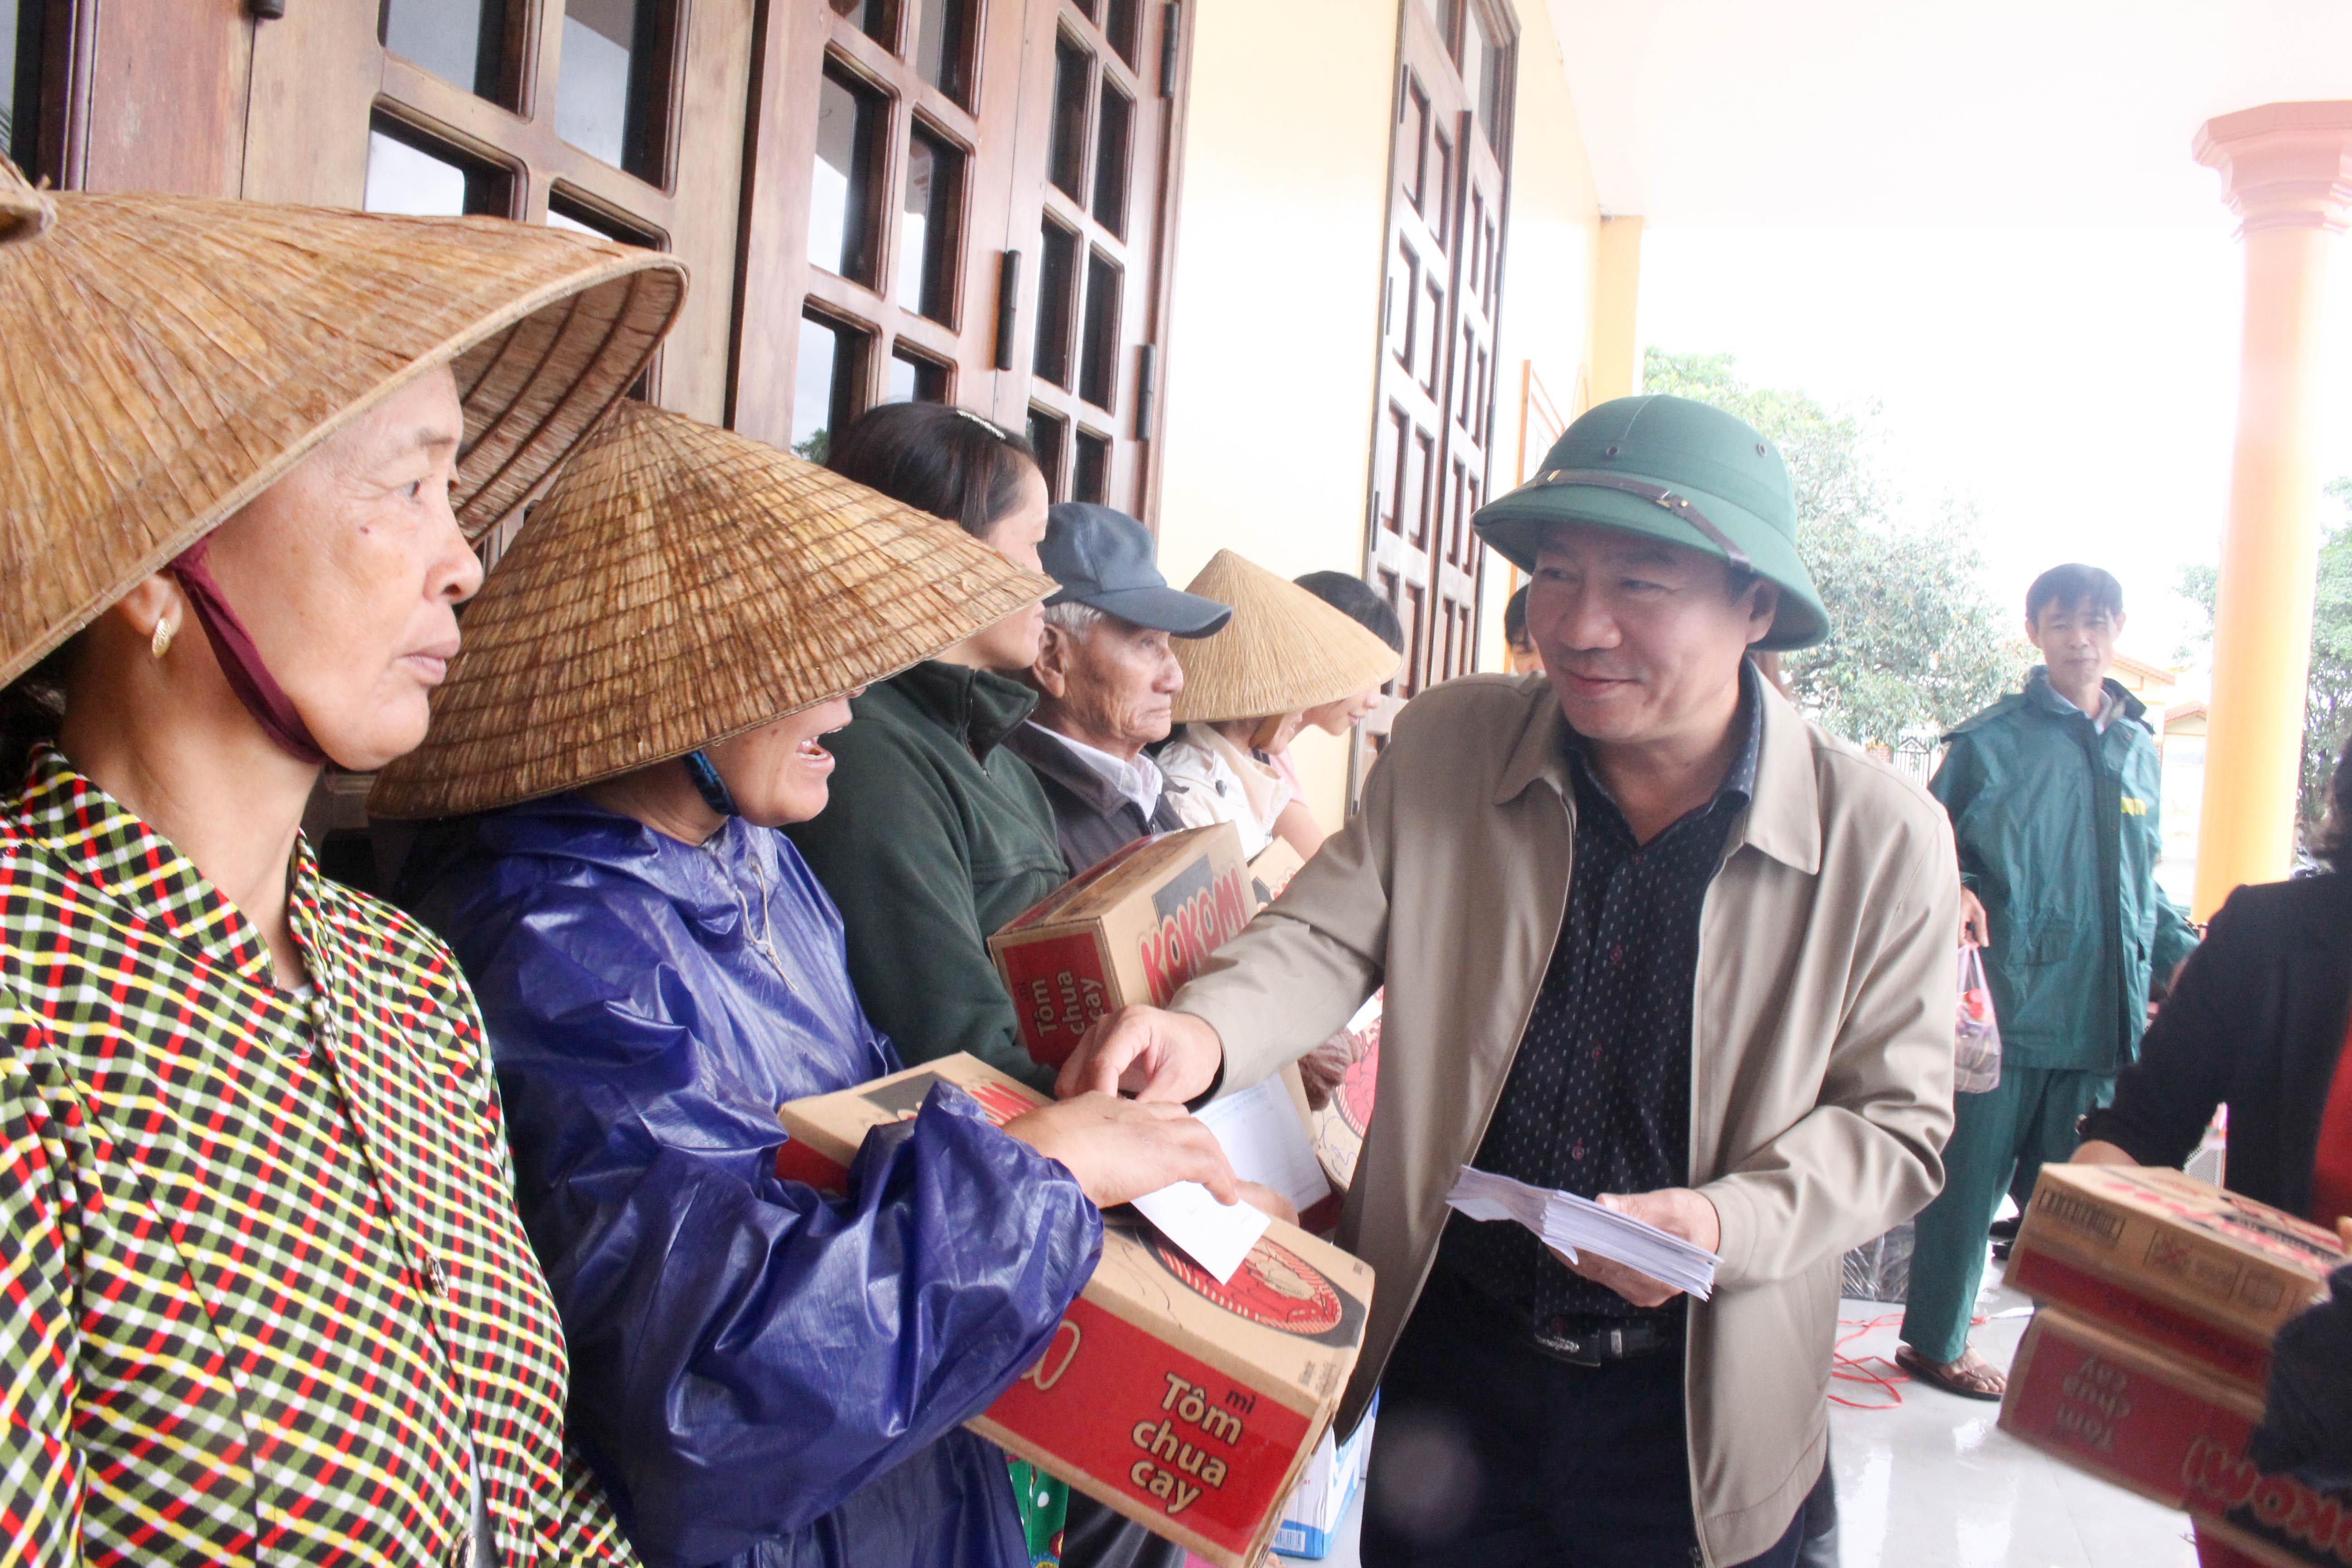 Ông Đào Mạnh Hùng, Chủ tịch Ủy ban MTTQ Việt Nam tỉnh Quảng Trị trao quà cho bà con giáo dân bị ảnh hưởng do bão lũ tại huyện Hải Lăng.